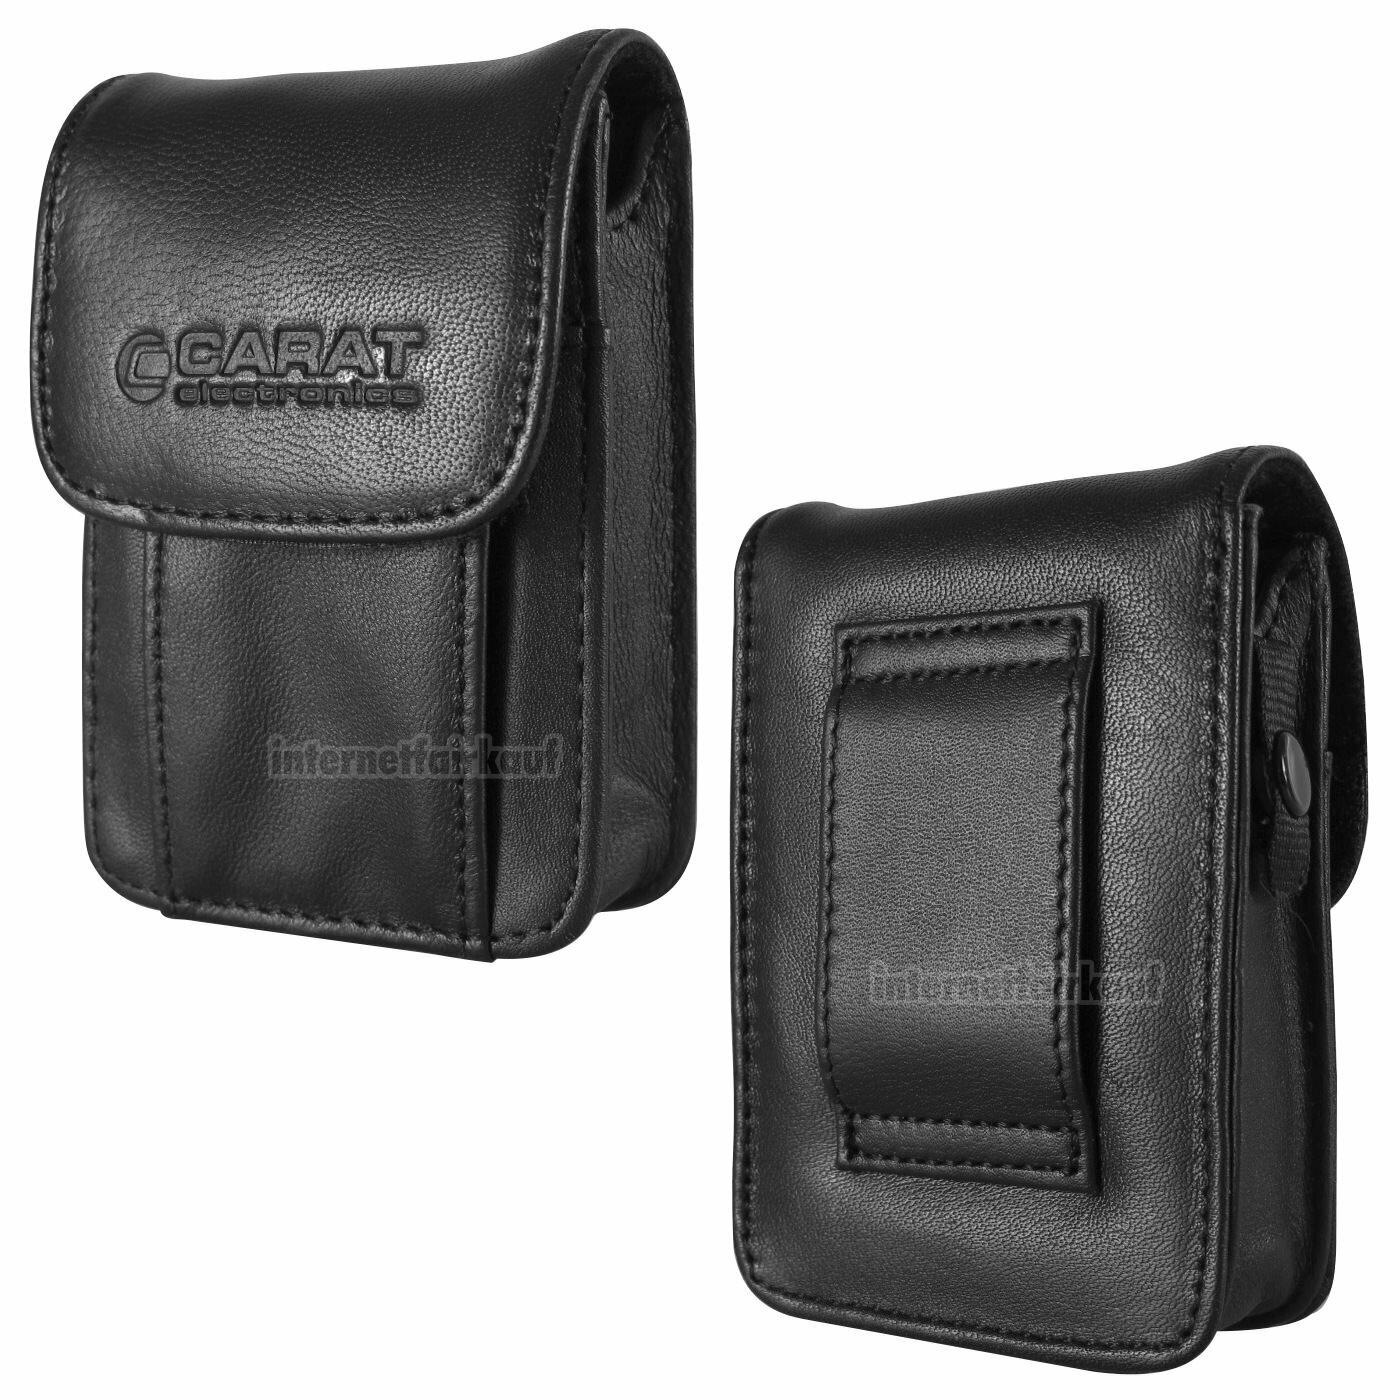 Gürteltasche Kameratasche passend für Canon IXUS 75 70 - Leder Etui